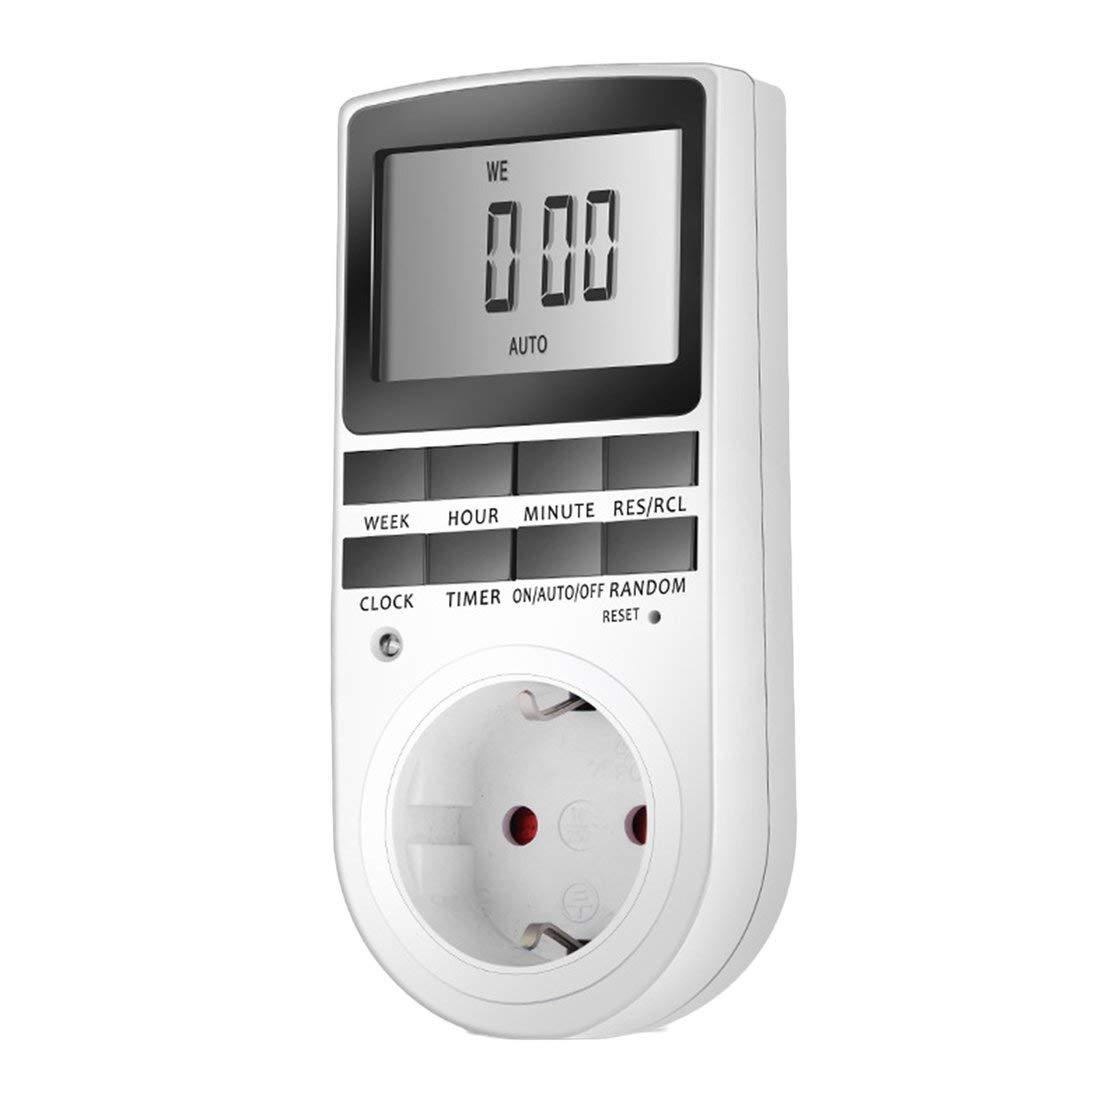 KWE-TM02 Elektronische digitale Zeitschaltuhr Stecker Kü chentimer Steckdose 230 V 50 HZ 7 Tag 12/24 Stunden Hermosairis